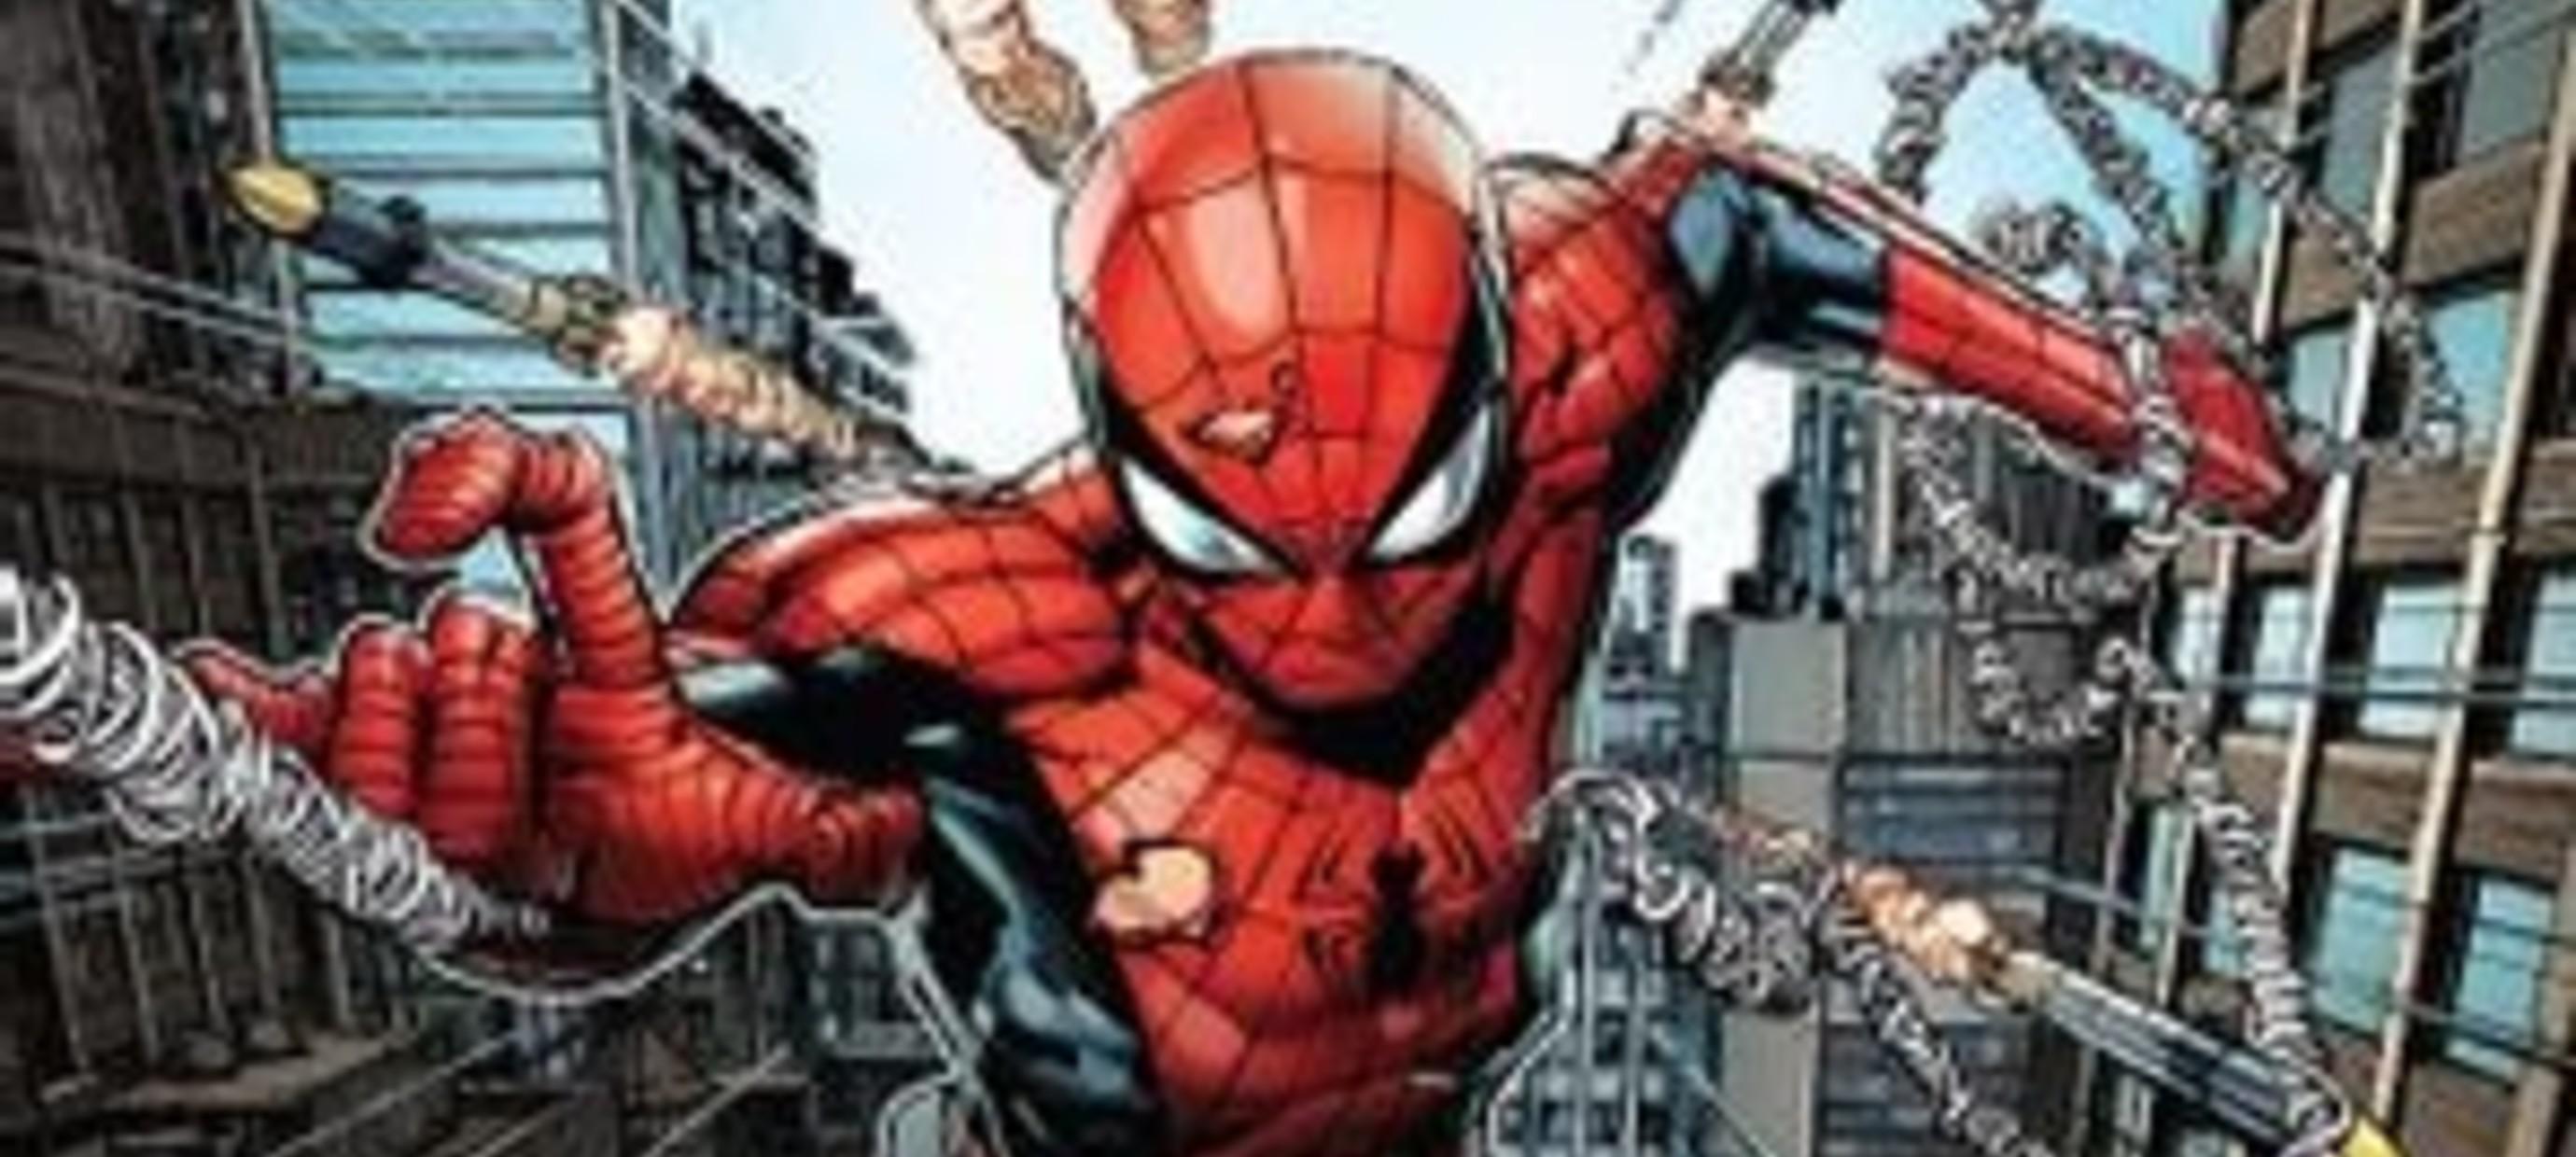 Comics Comics Comics   New Comic Release- NON STOP SPIDER-MAN